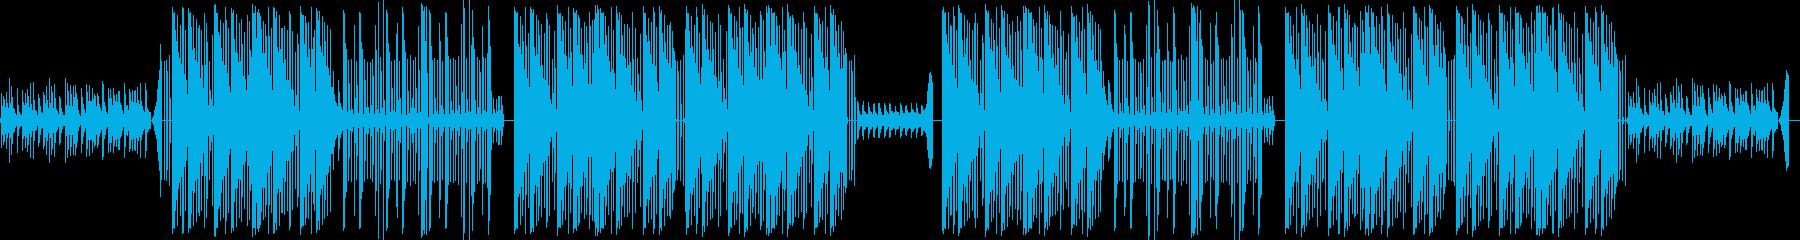 不気味なTrap Beatの再生済みの波形